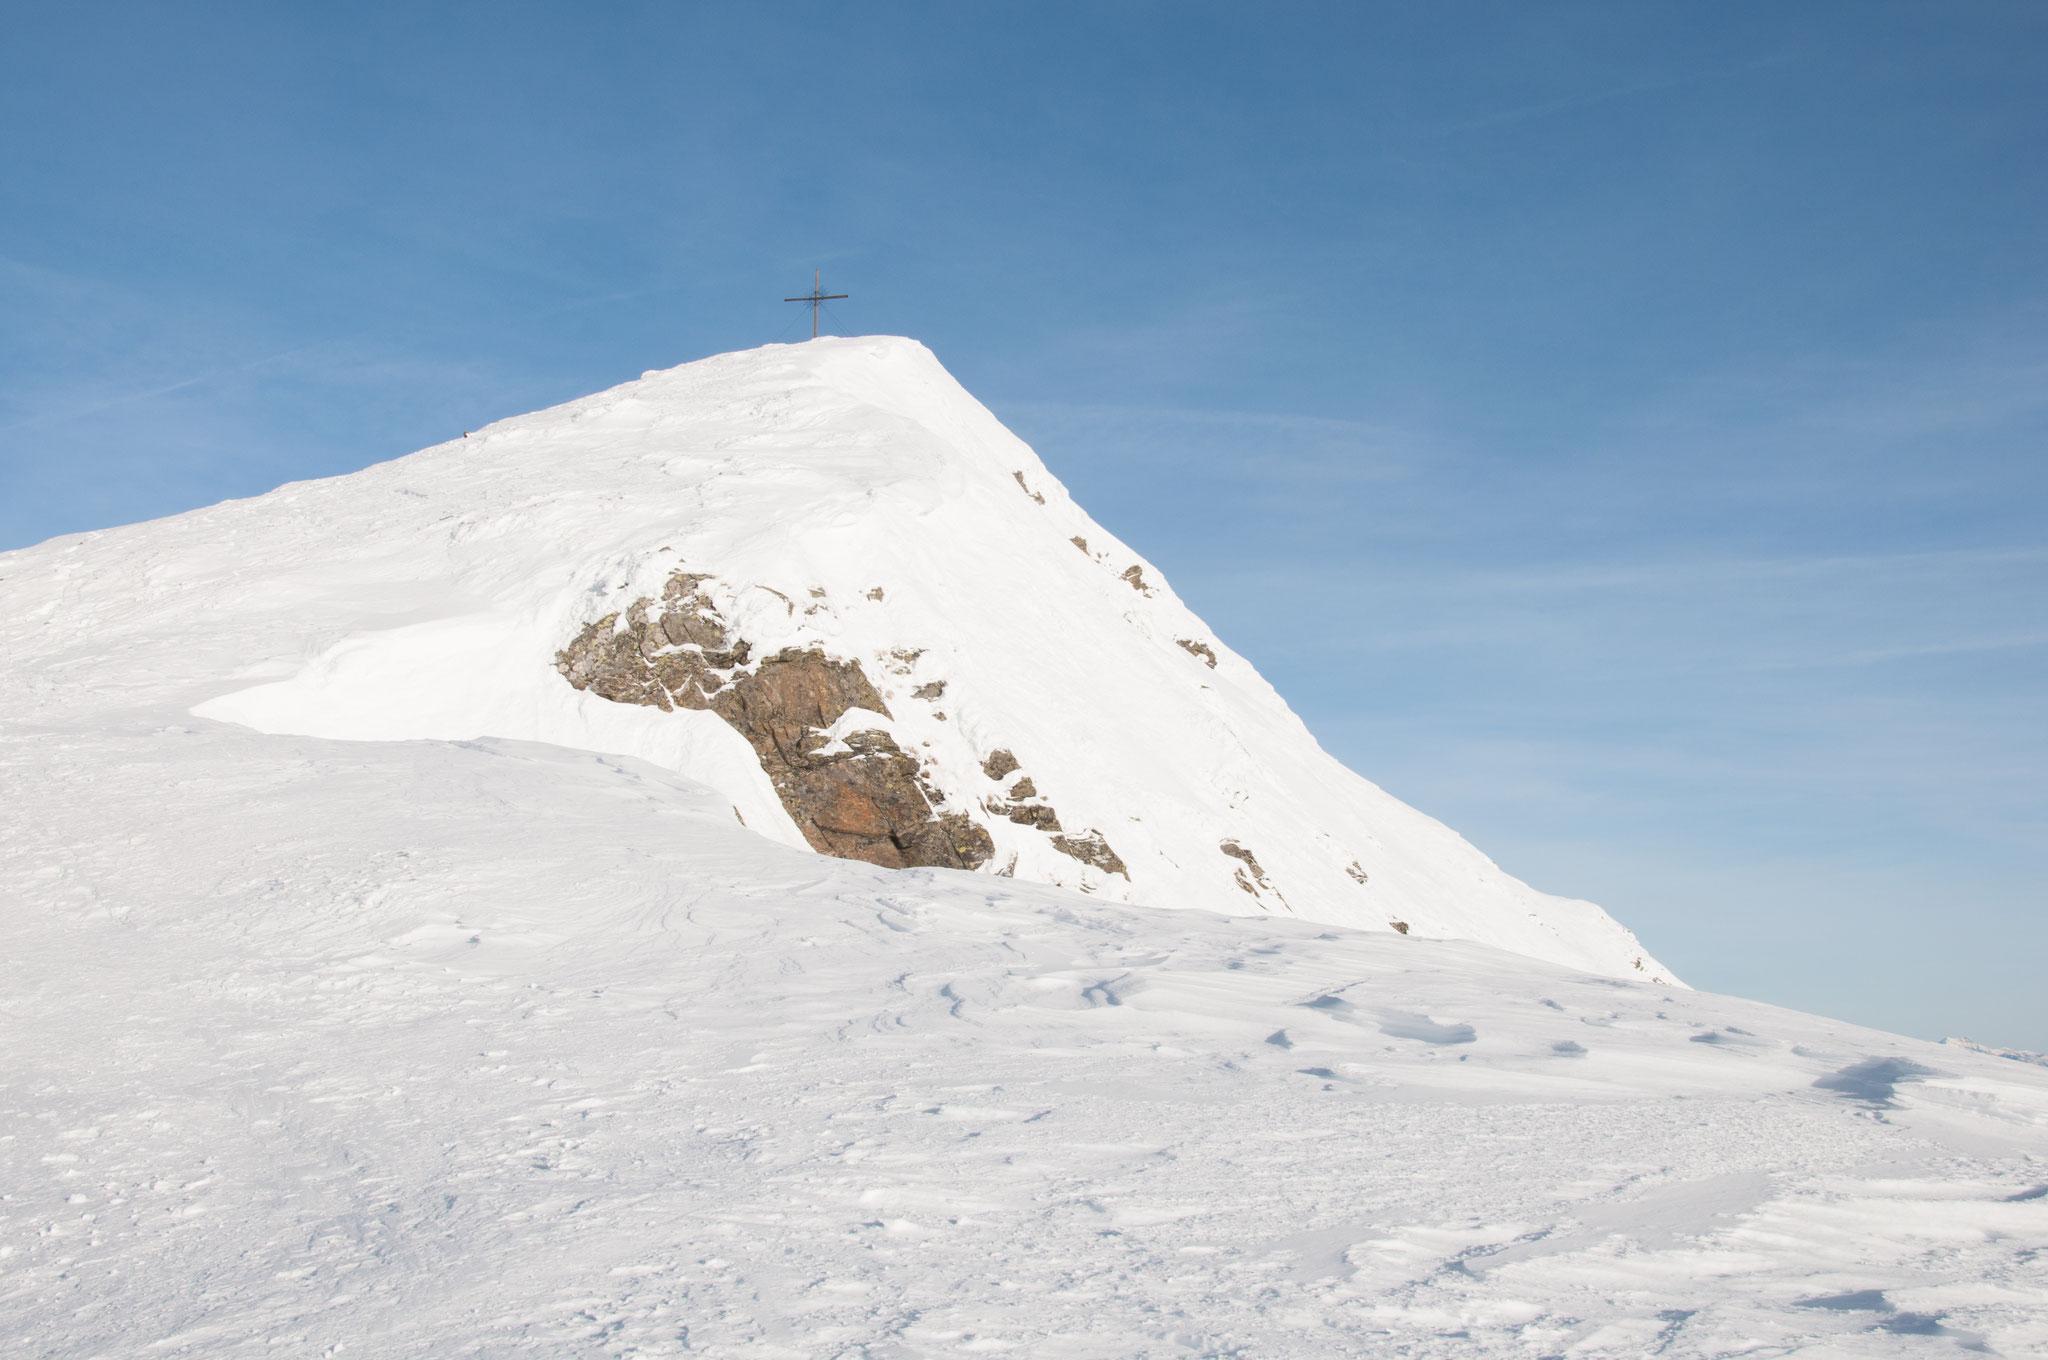 Nach einer kurzen flacheren Passage, wartet der Gipfelhang mit den letzten Metern auf uns. Das Gipfelkreuz ist schon nah.